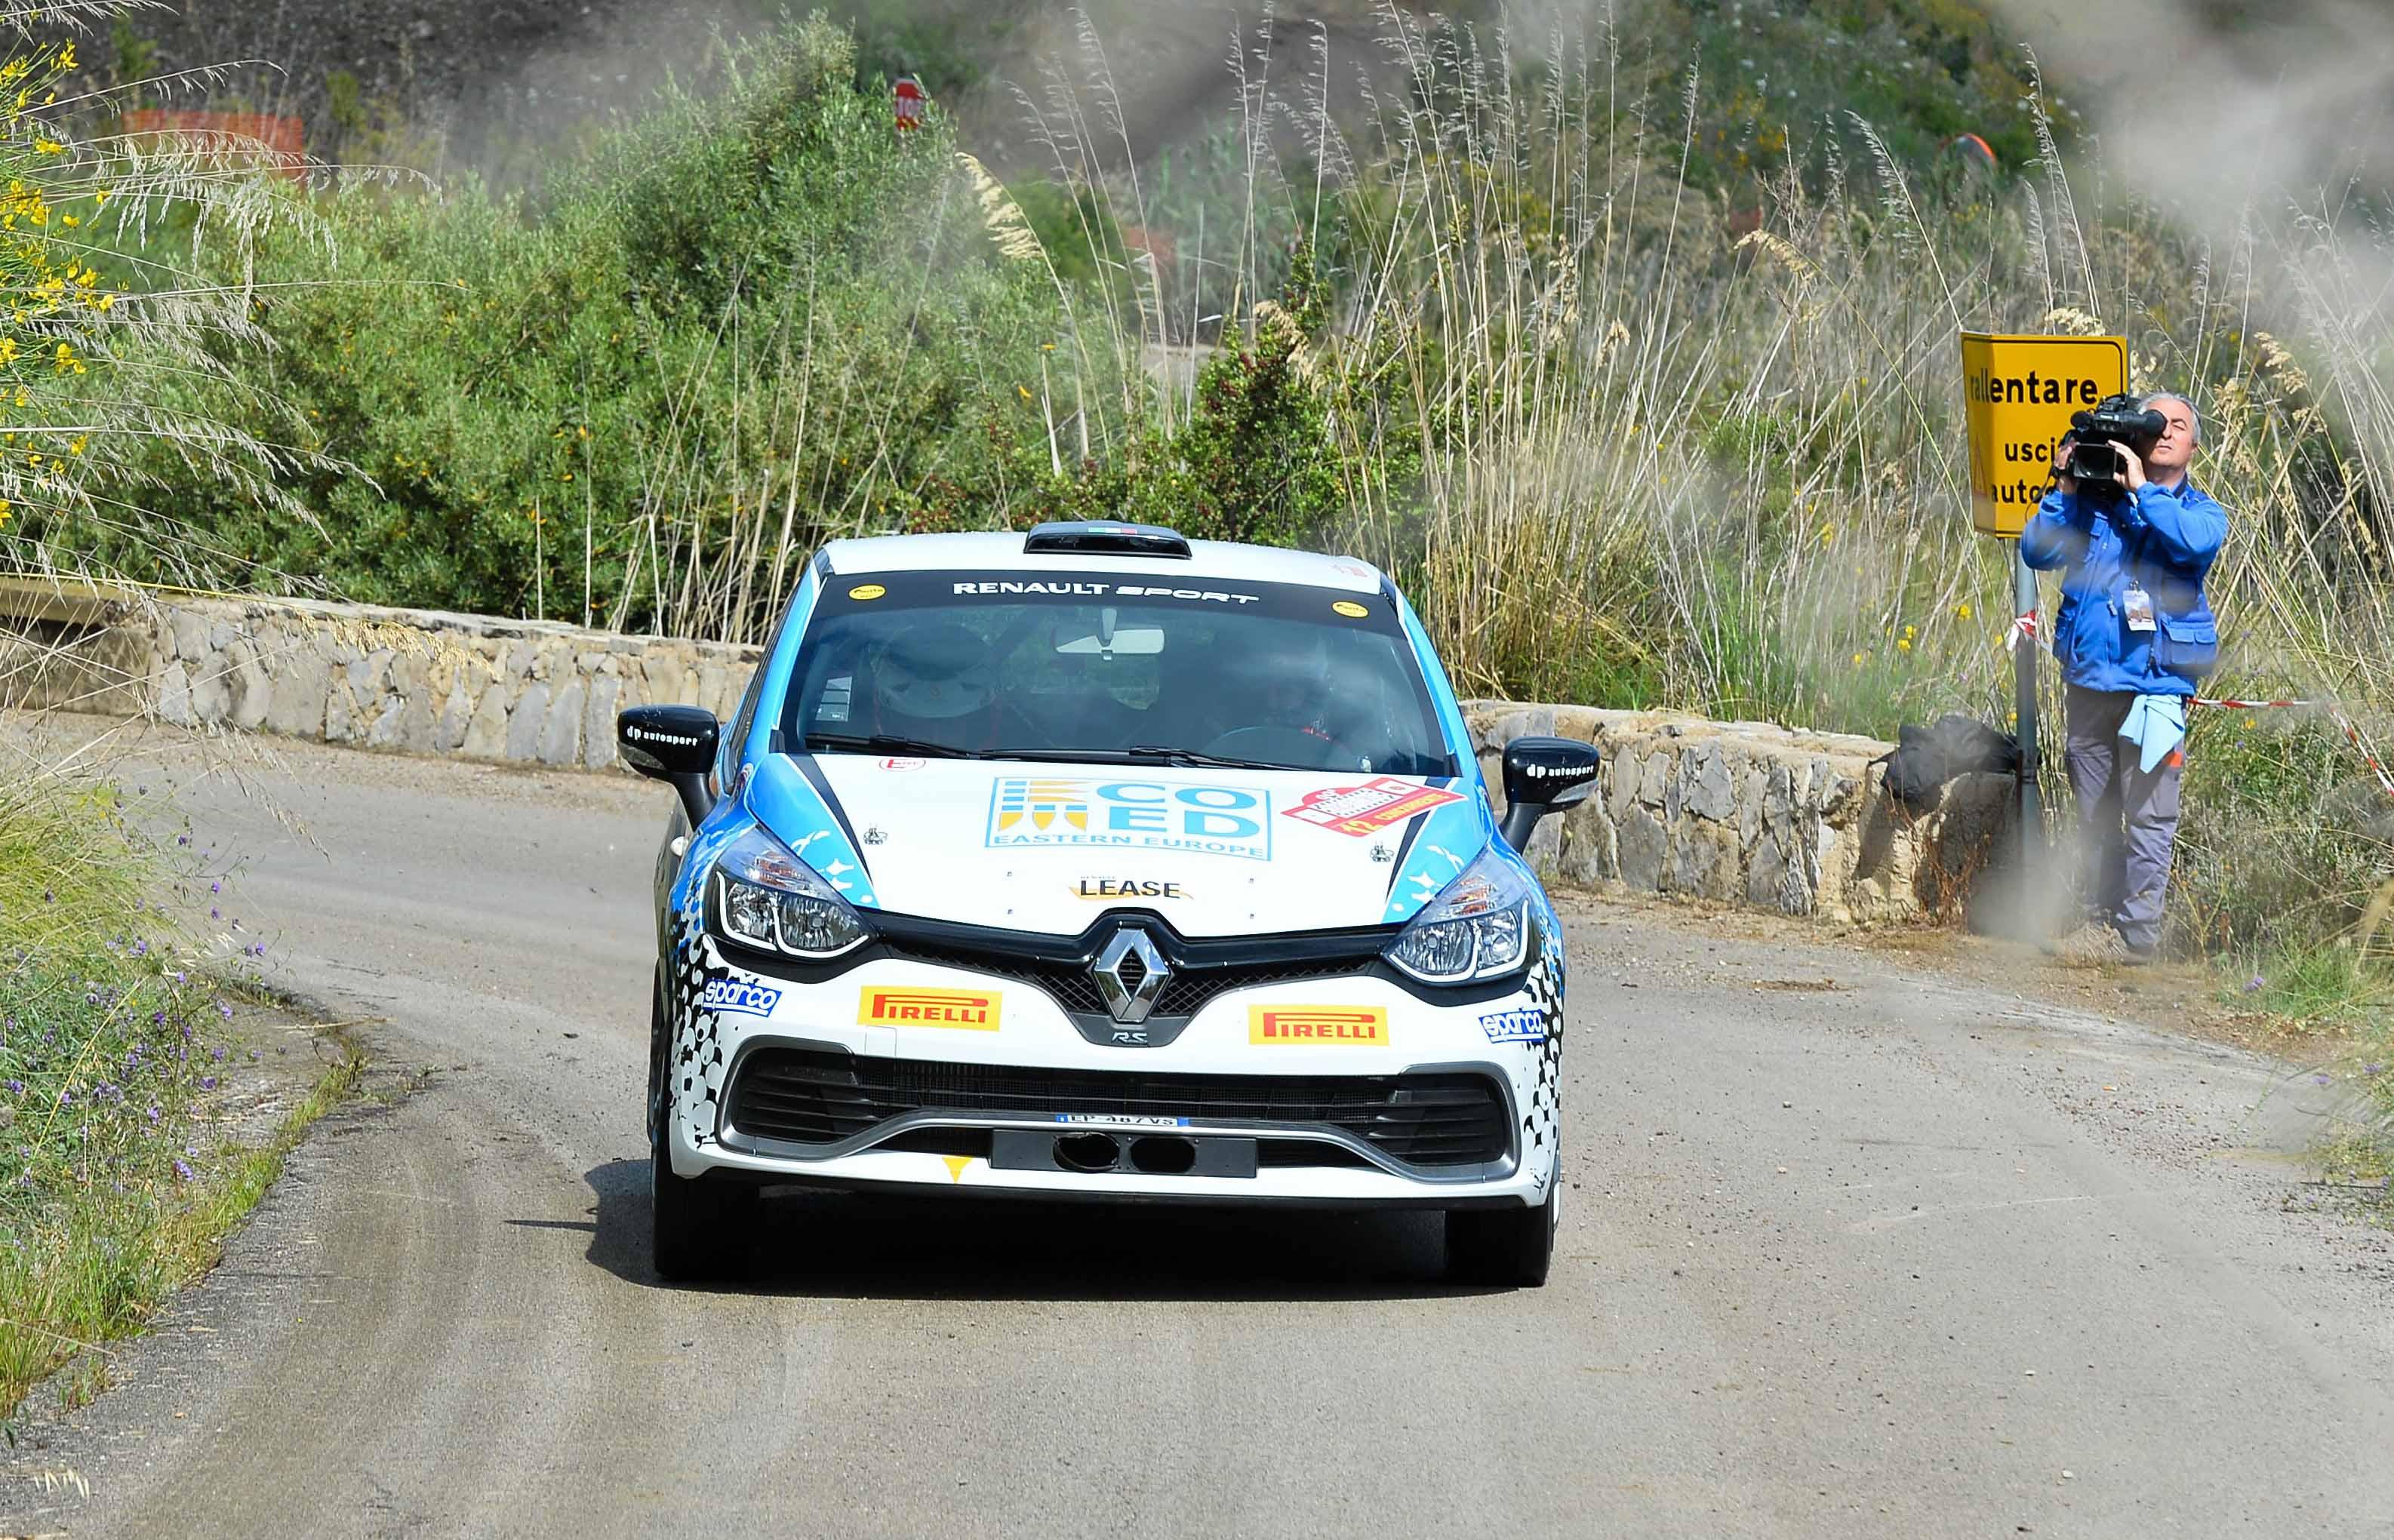 Trofei Rally Renault: premiazioni e novità